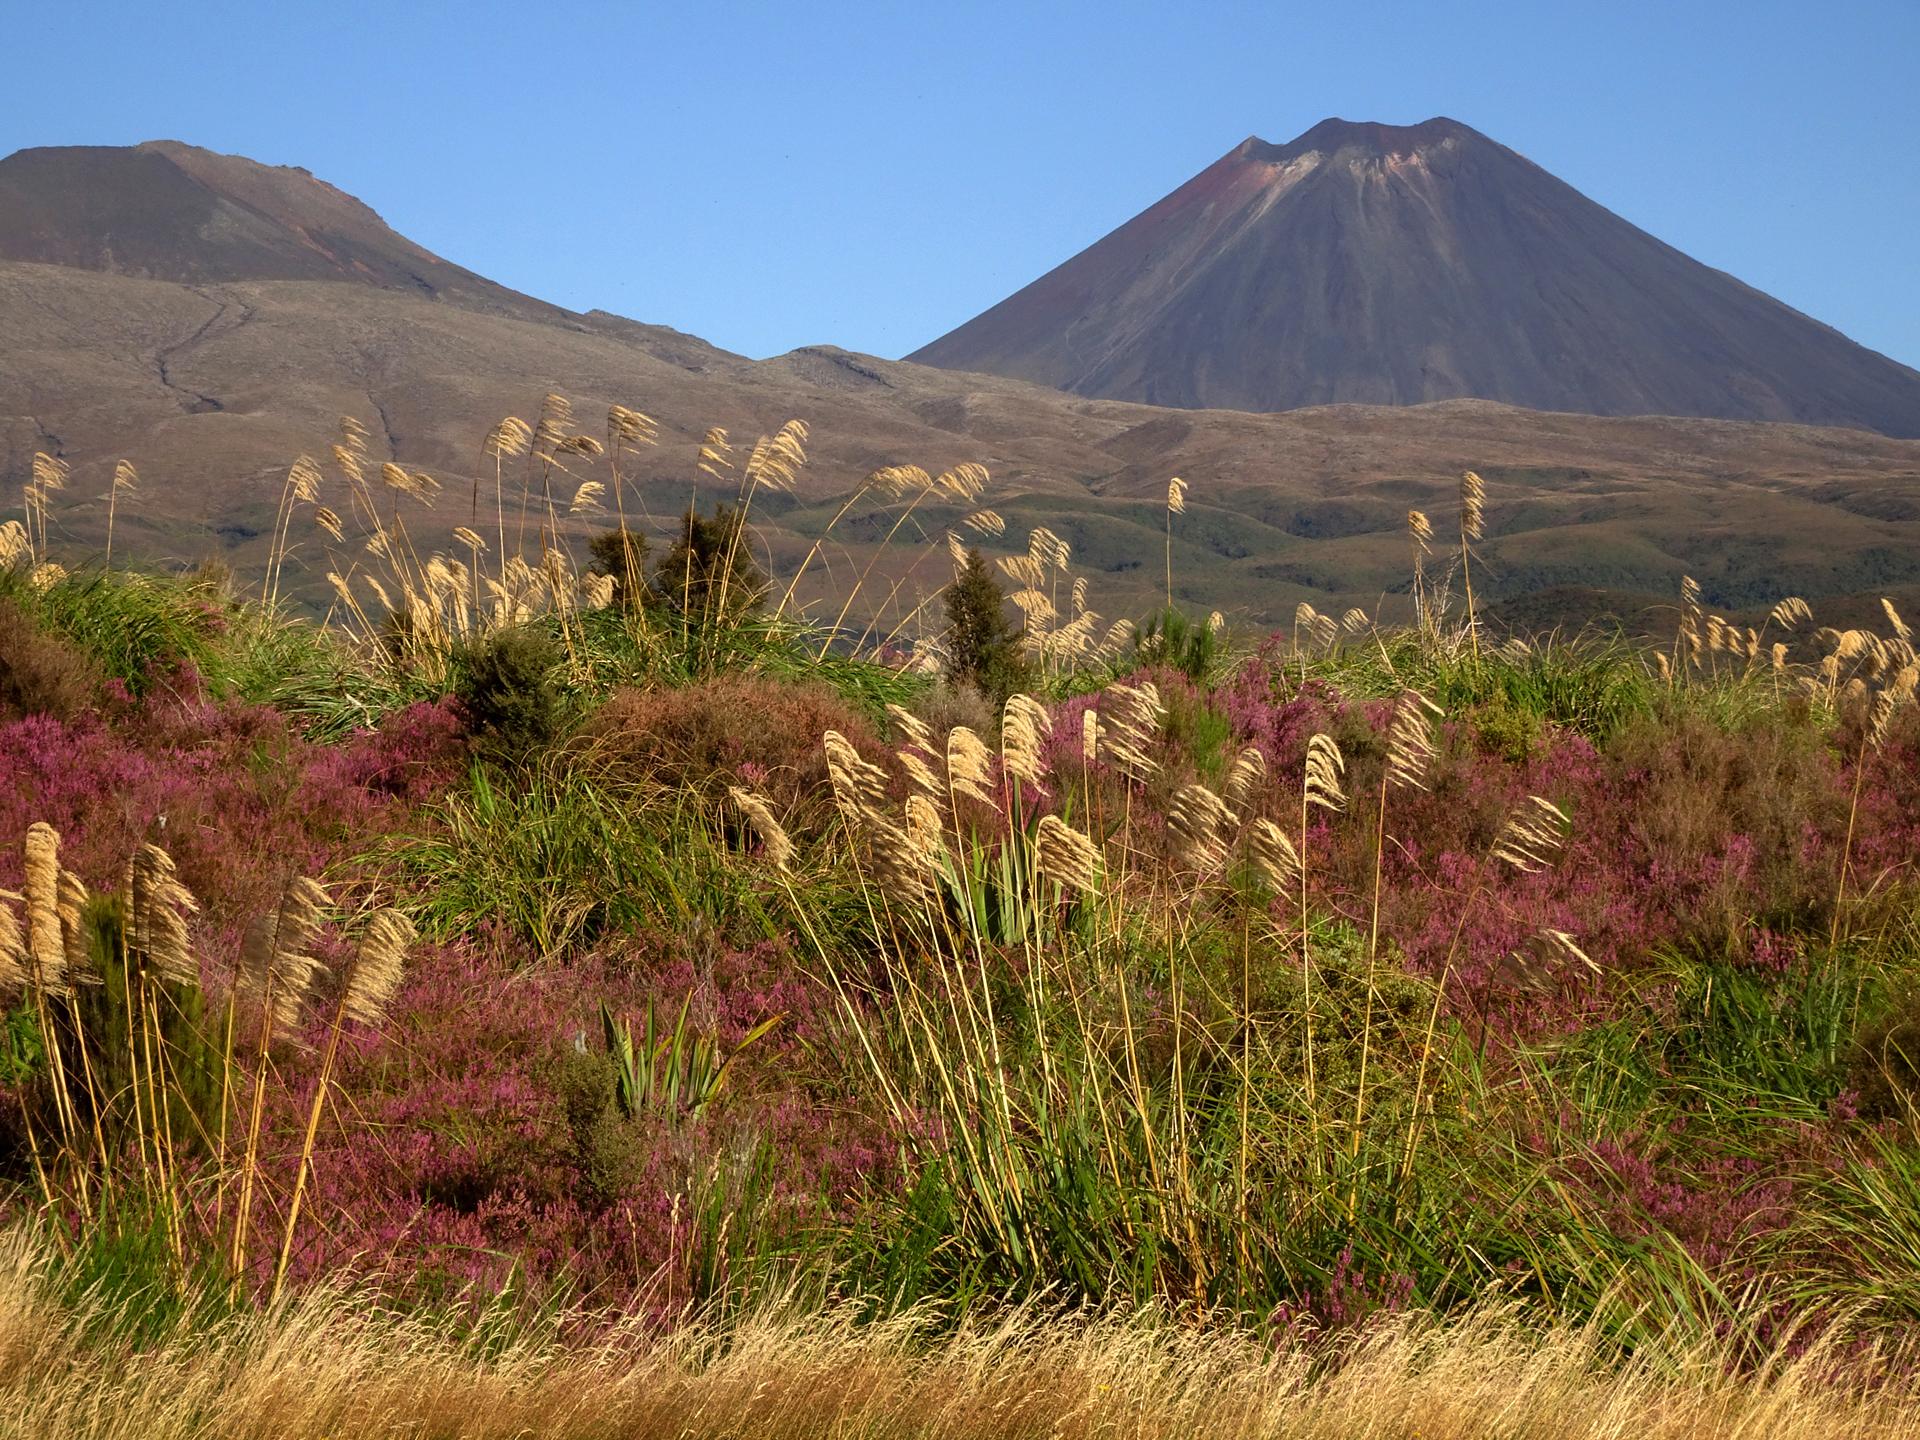 noam sitruk נועם שתרוג - ניו זילנד - הר געש - יופי - מרחבים